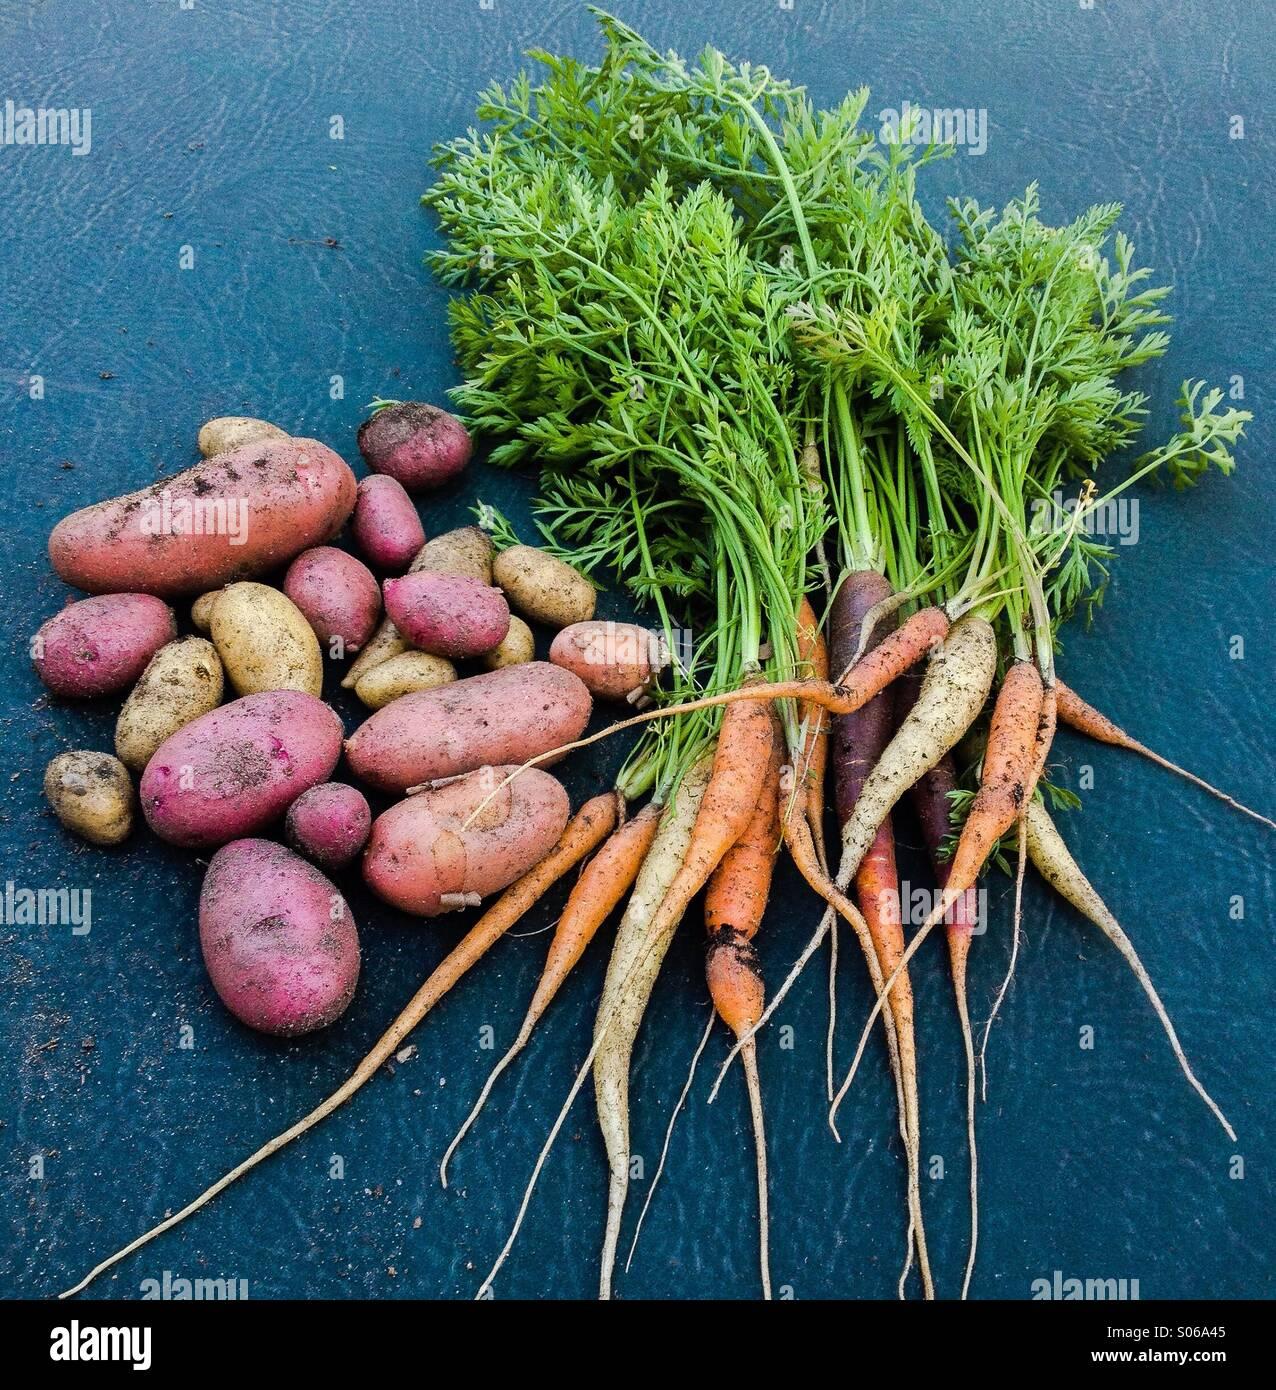 Las hortalizas de raíz, Rainbow alevines de zanahorias y patatas. La agricultura urbana. Imagen De Stock